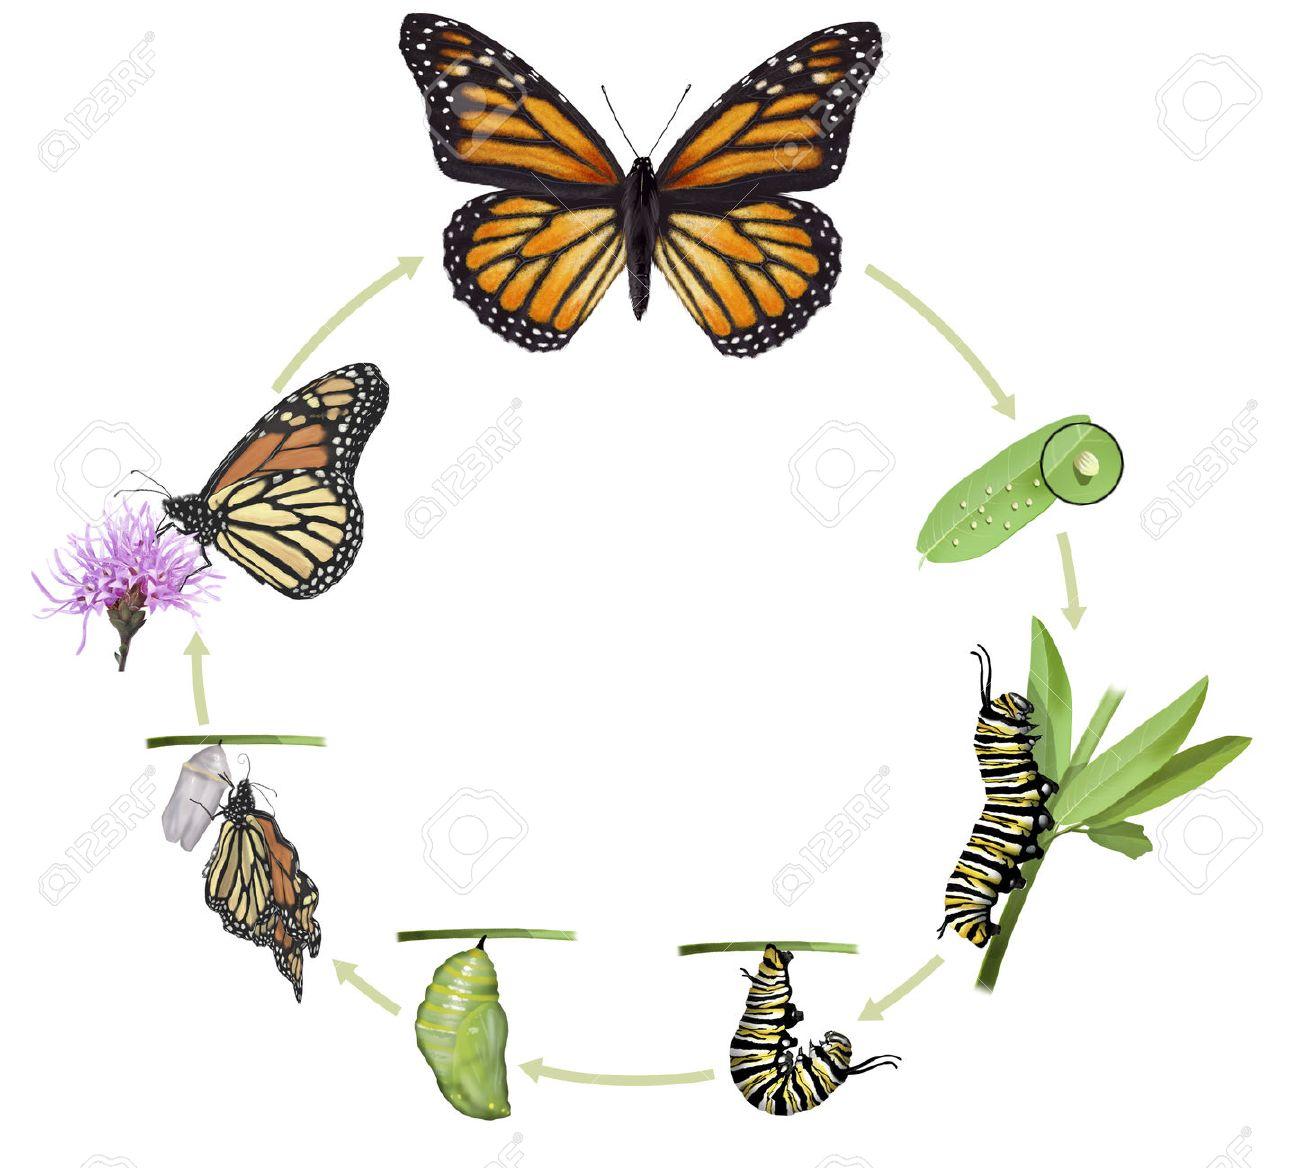 Ilustración Digital De Un Ciclo De Vida De La Mariposa Monarca Fotos ...